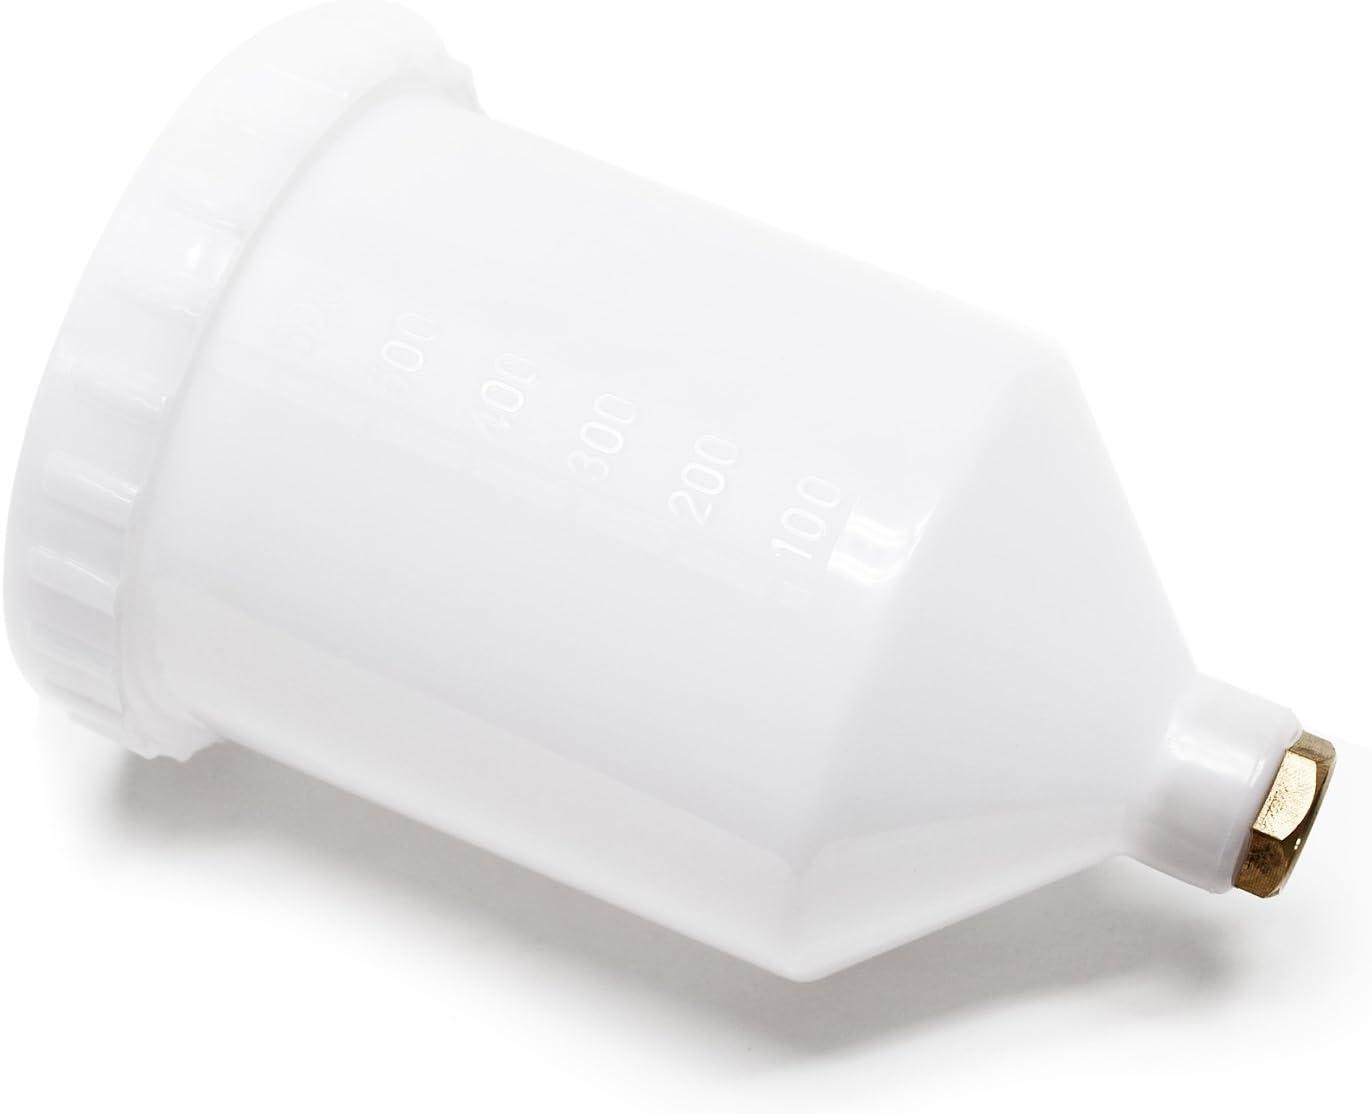 Wiltec Ersatzteil Airbrushpistole Farbbecher Farbbehälter Kunststoff Für Hvlp Lvlp 500ml Garten